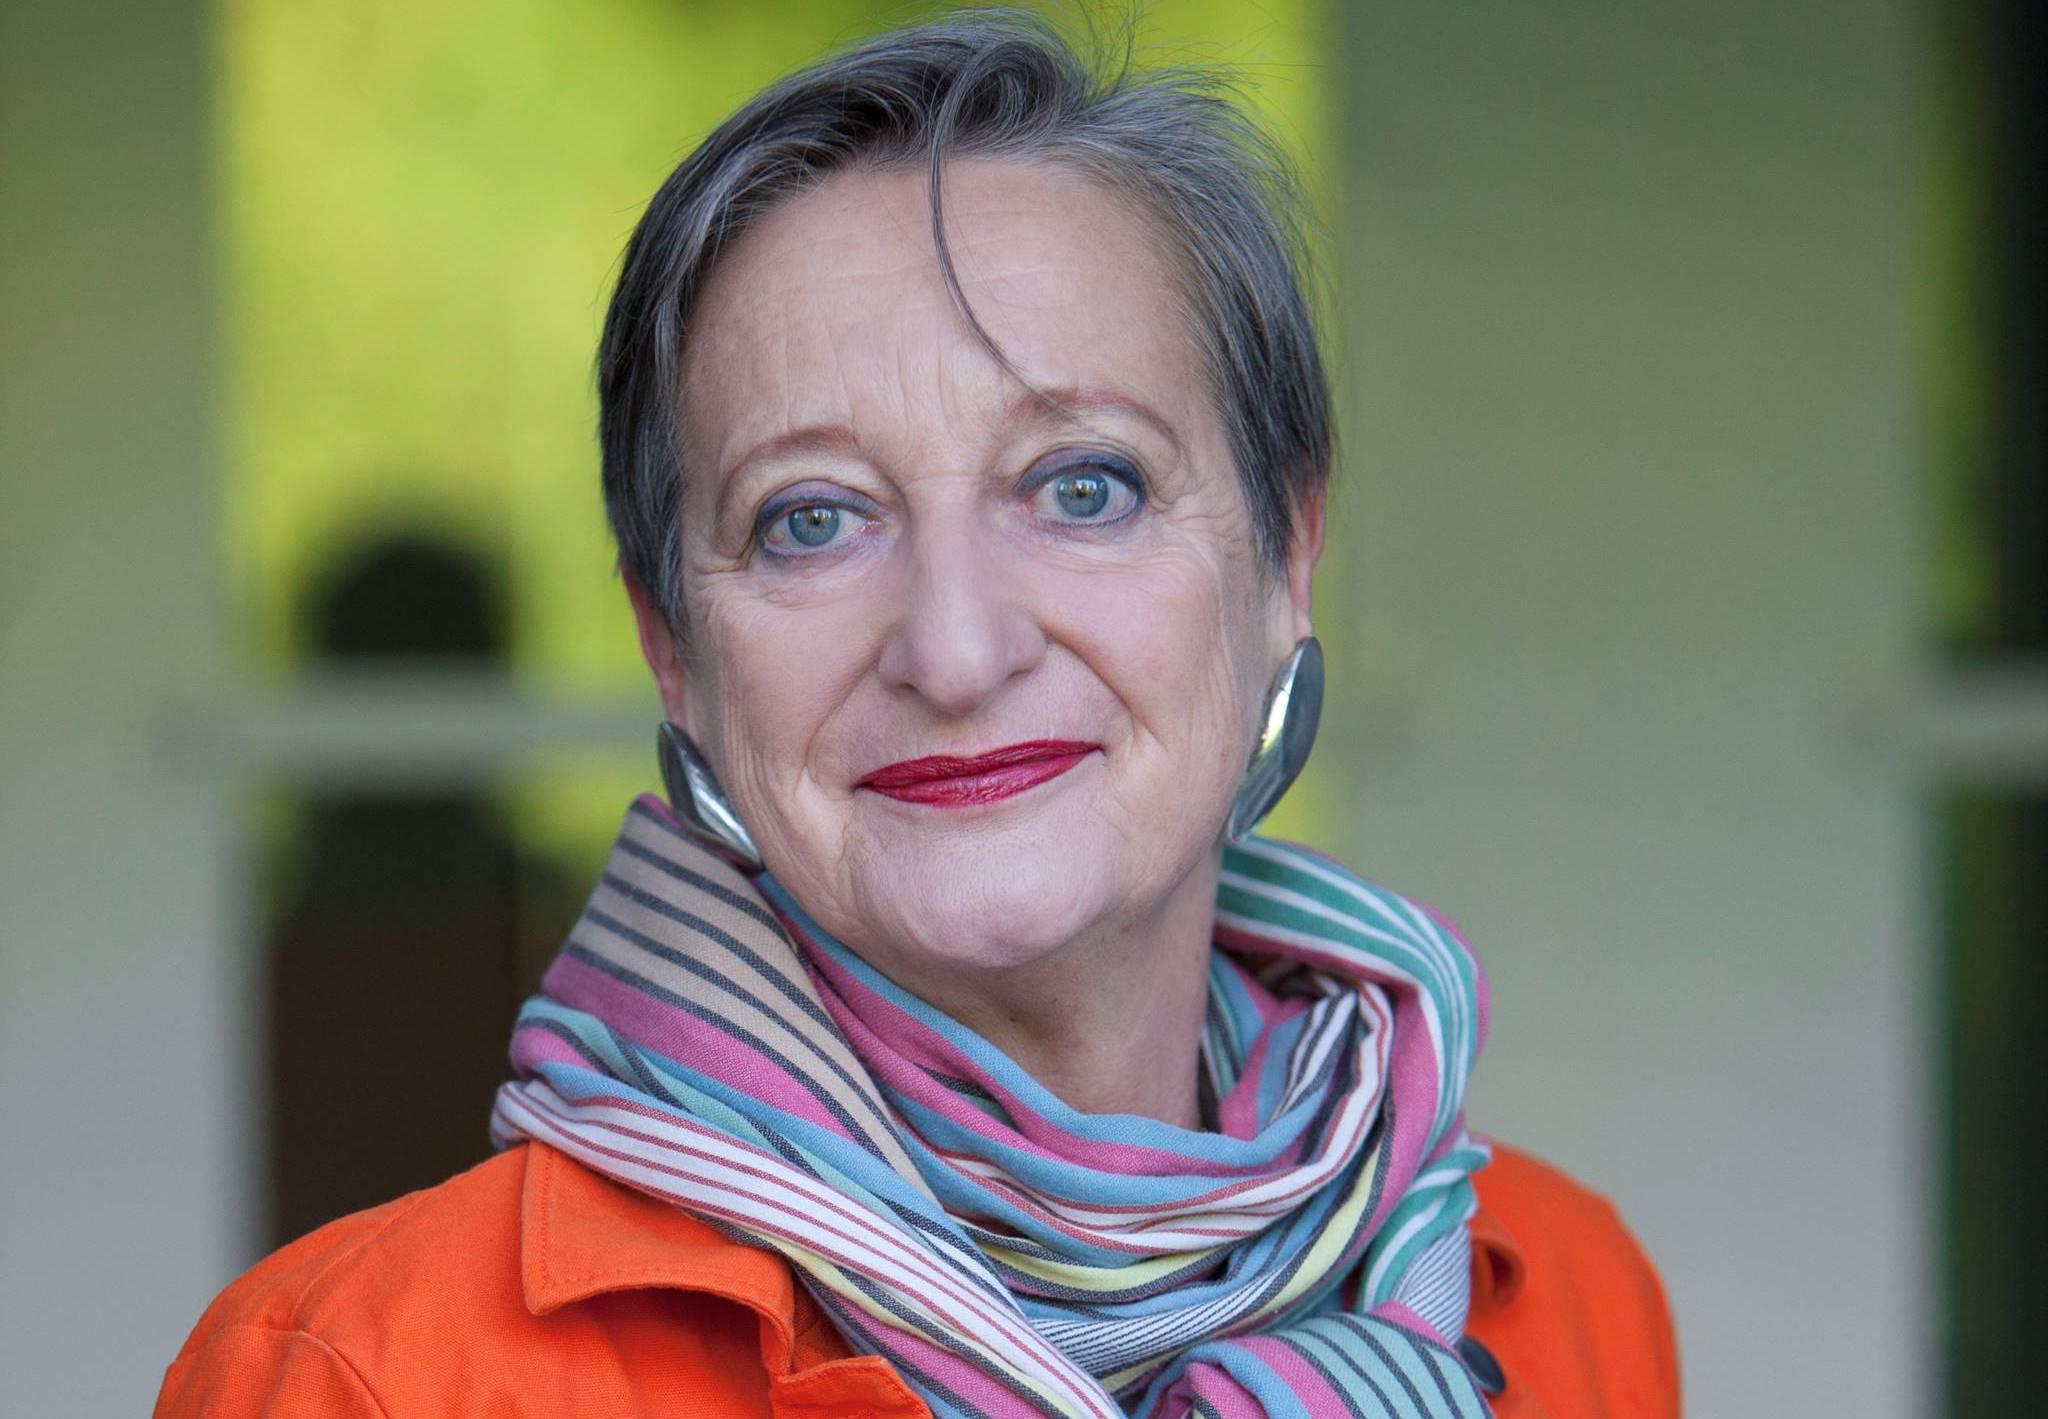 Brida von Castelberg kritisiert Luxus und Unwirksames in der Medizin. Damit ist sie für manche ungemütlich.